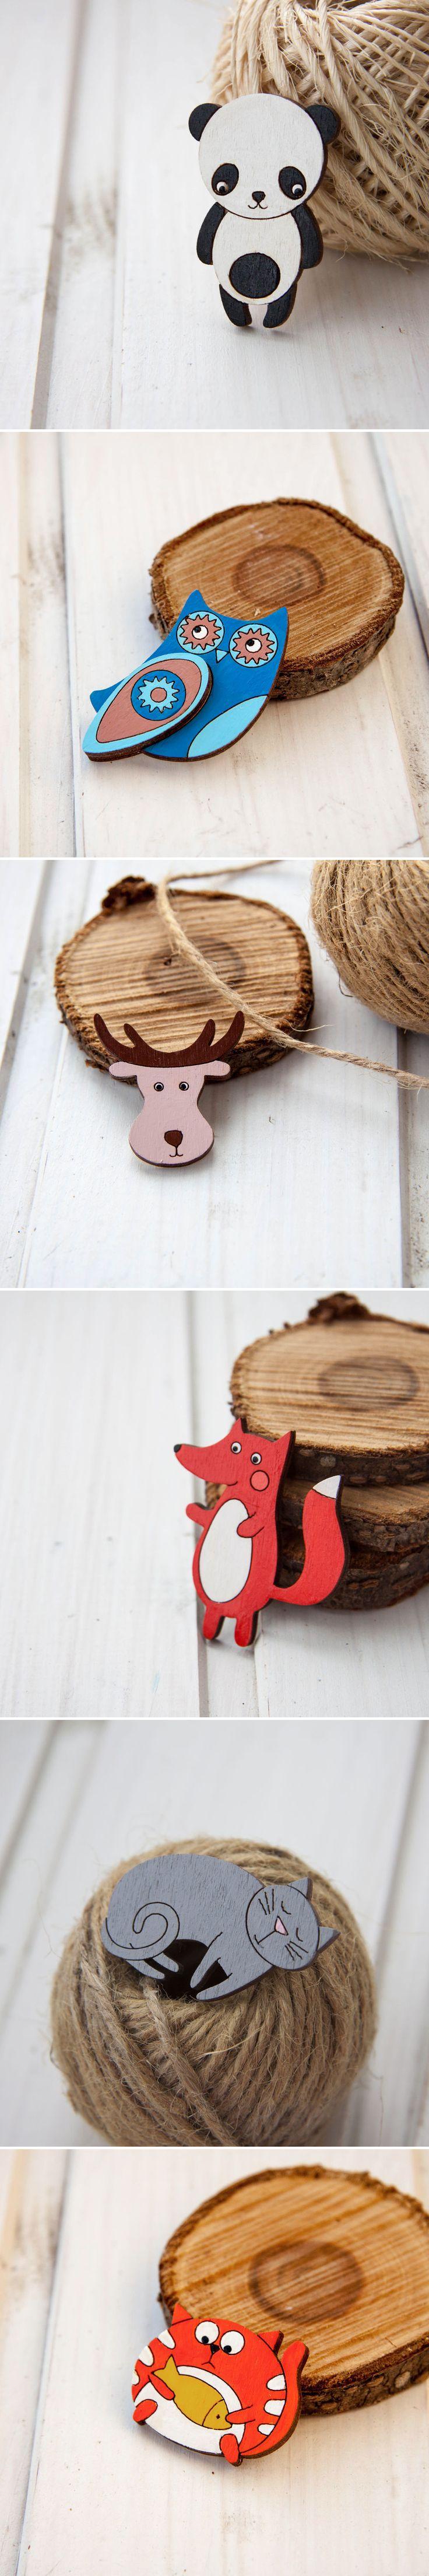 Wooden Brooches | Деревянные брошки — Купить, заказать, брошь, значок, дерево, ручная работа